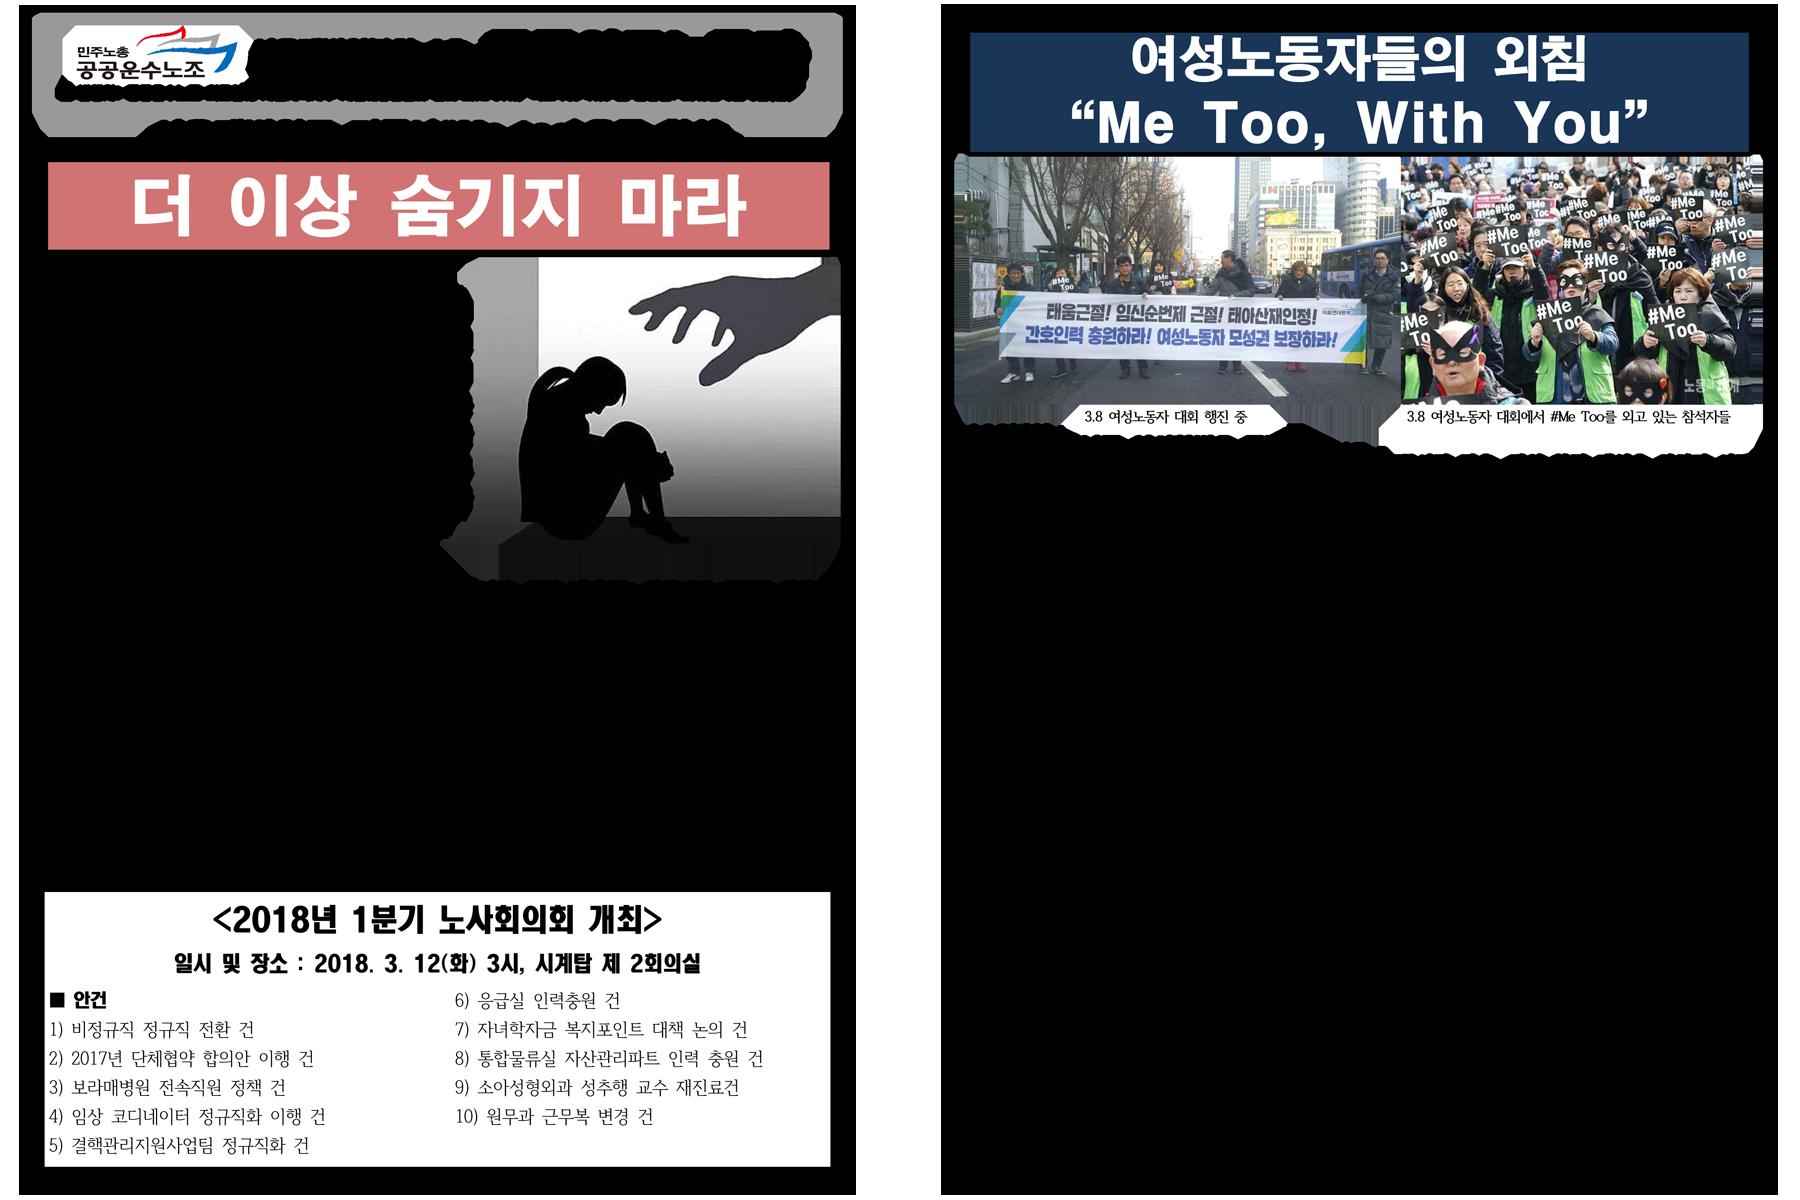 2018 서울대병원분회_6호-1.png